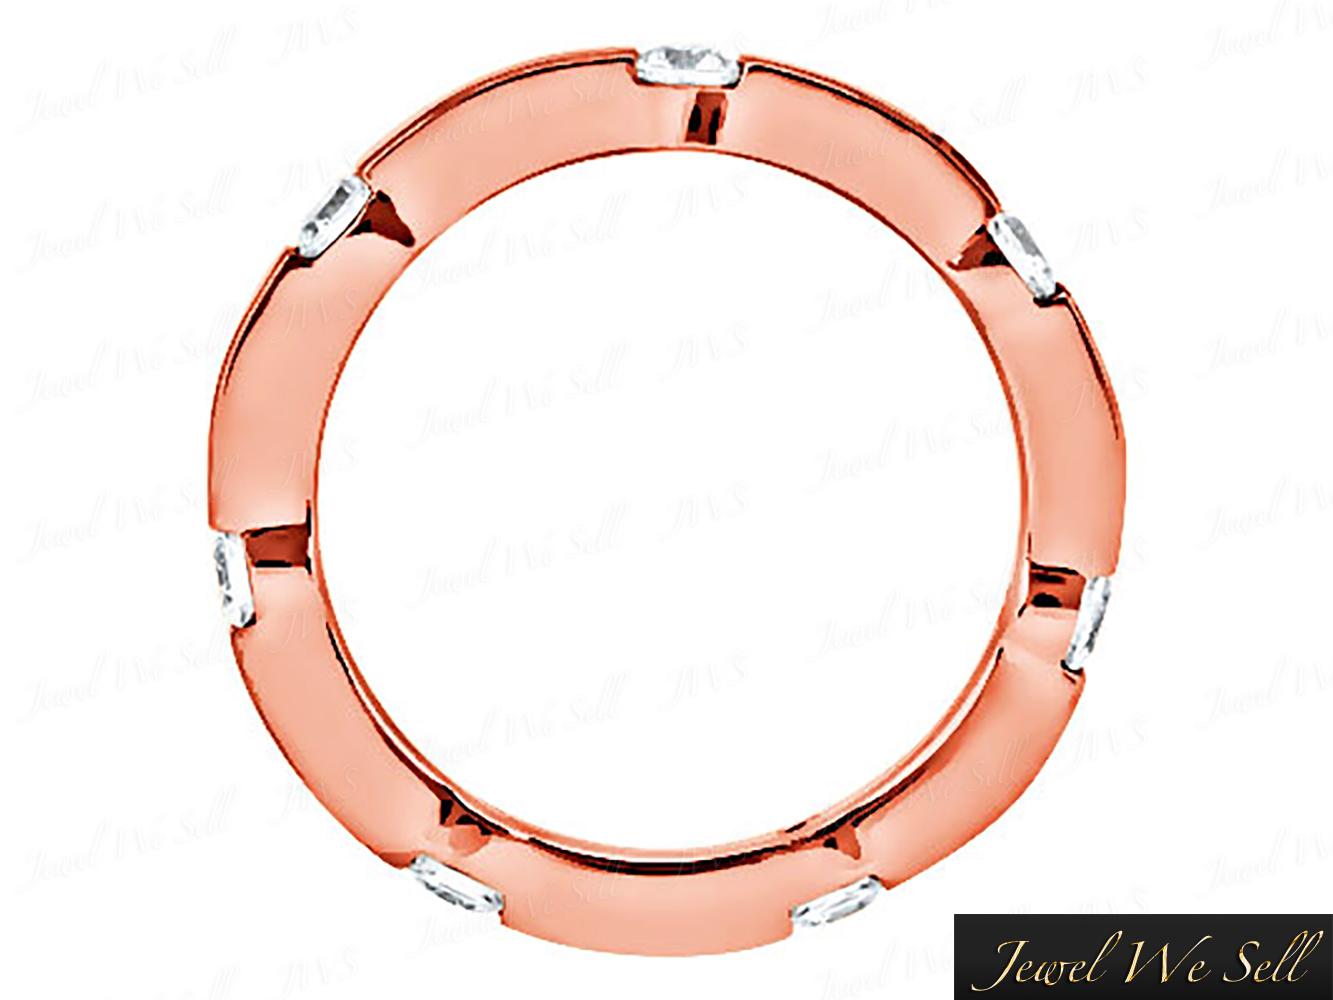 Natural-50-Quilates-Diamante-Brillante-Redondo-Anillo-Eternidad-Alianza-14K-Oro miniatura 4